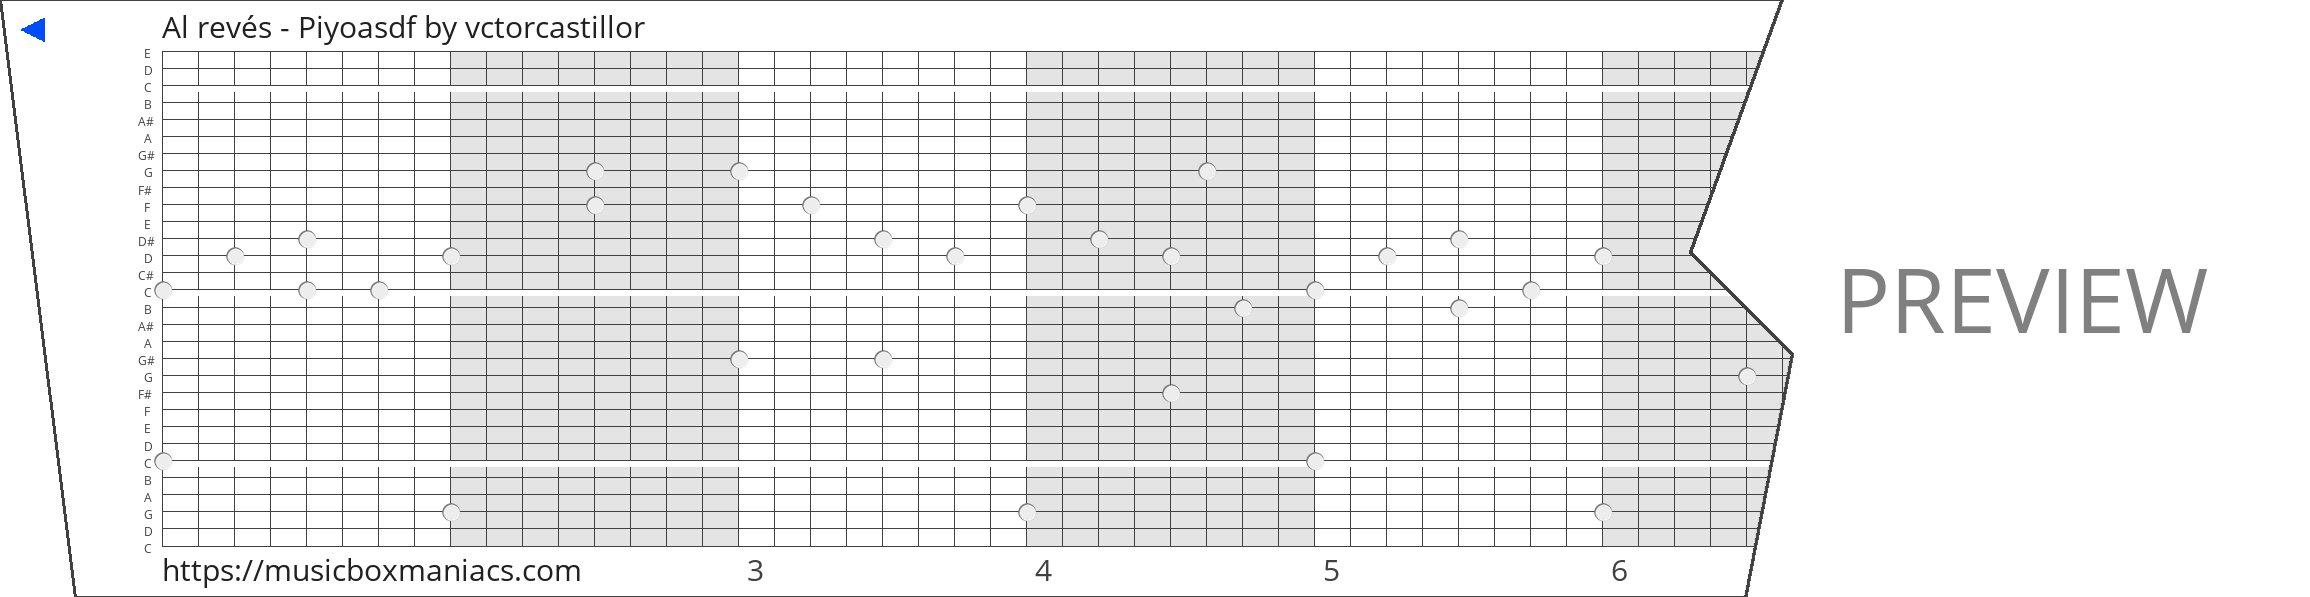 Al revés - Piyoasdf 30 note music box paper strip